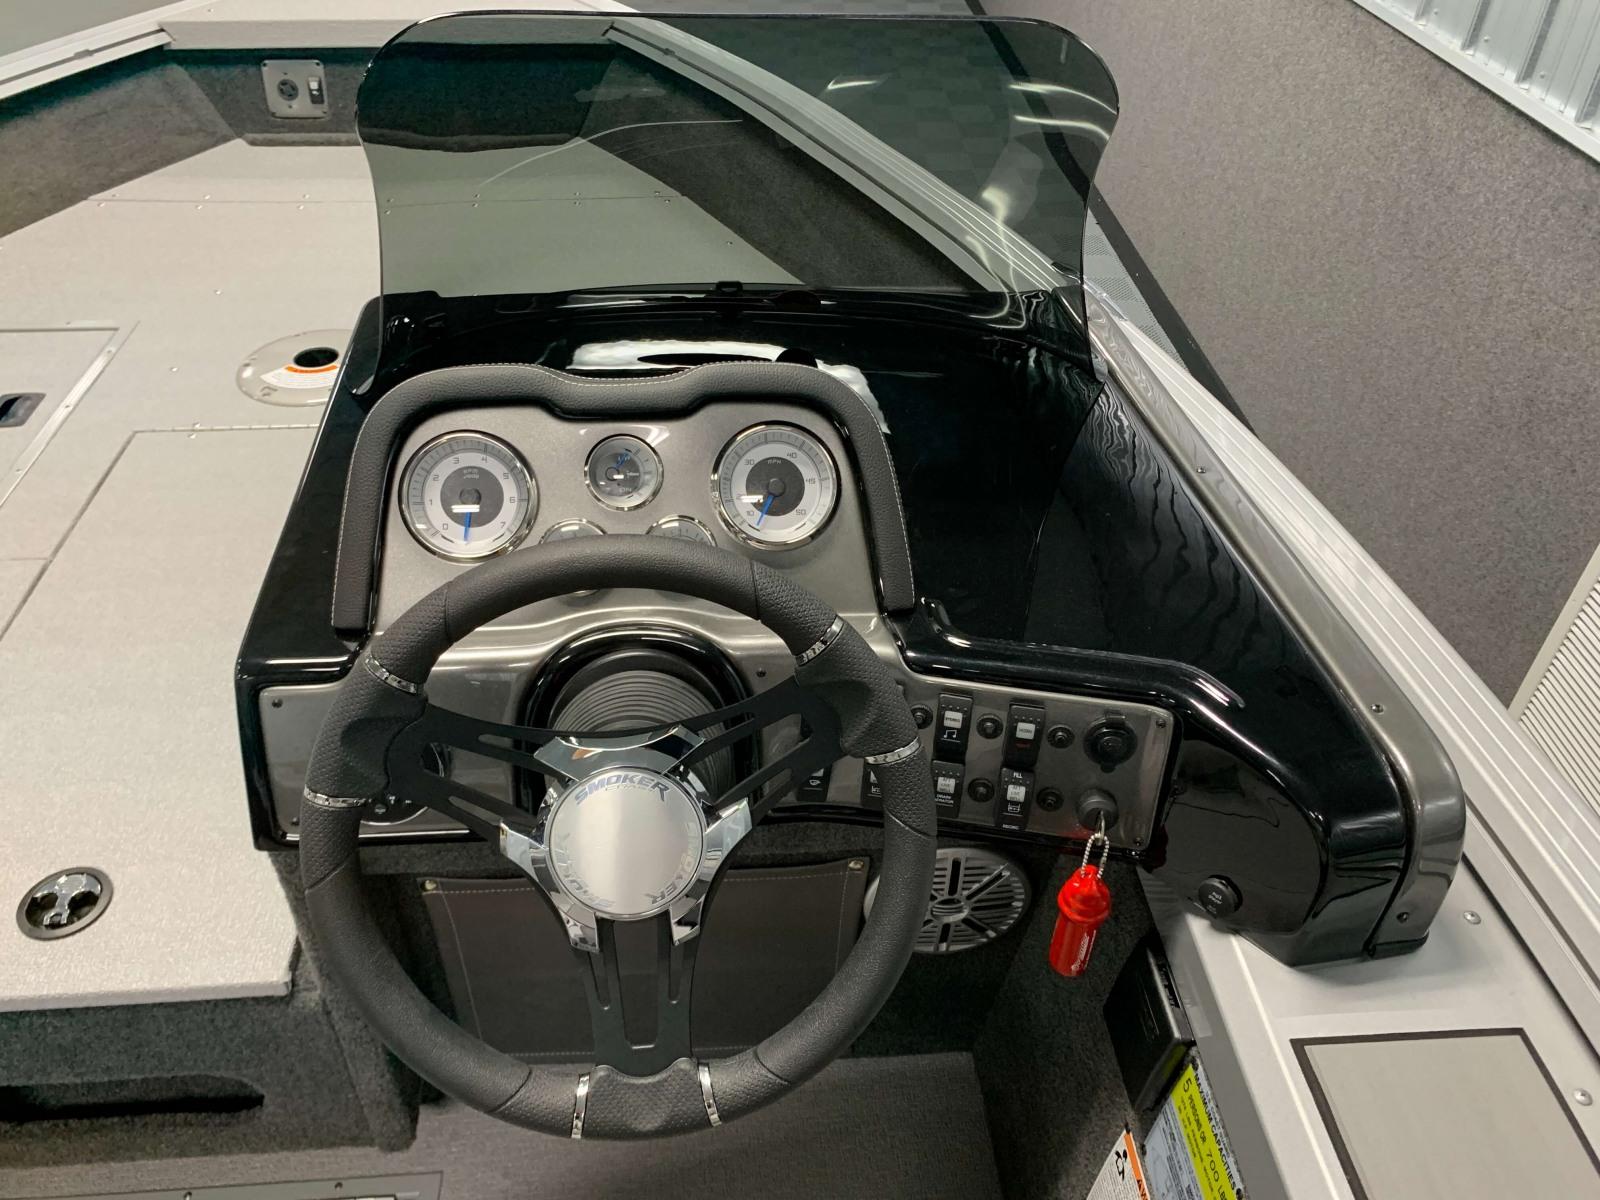 2020-Smoker-Craft-161-Pro-Angler-XL-Helm-And-Dash-2